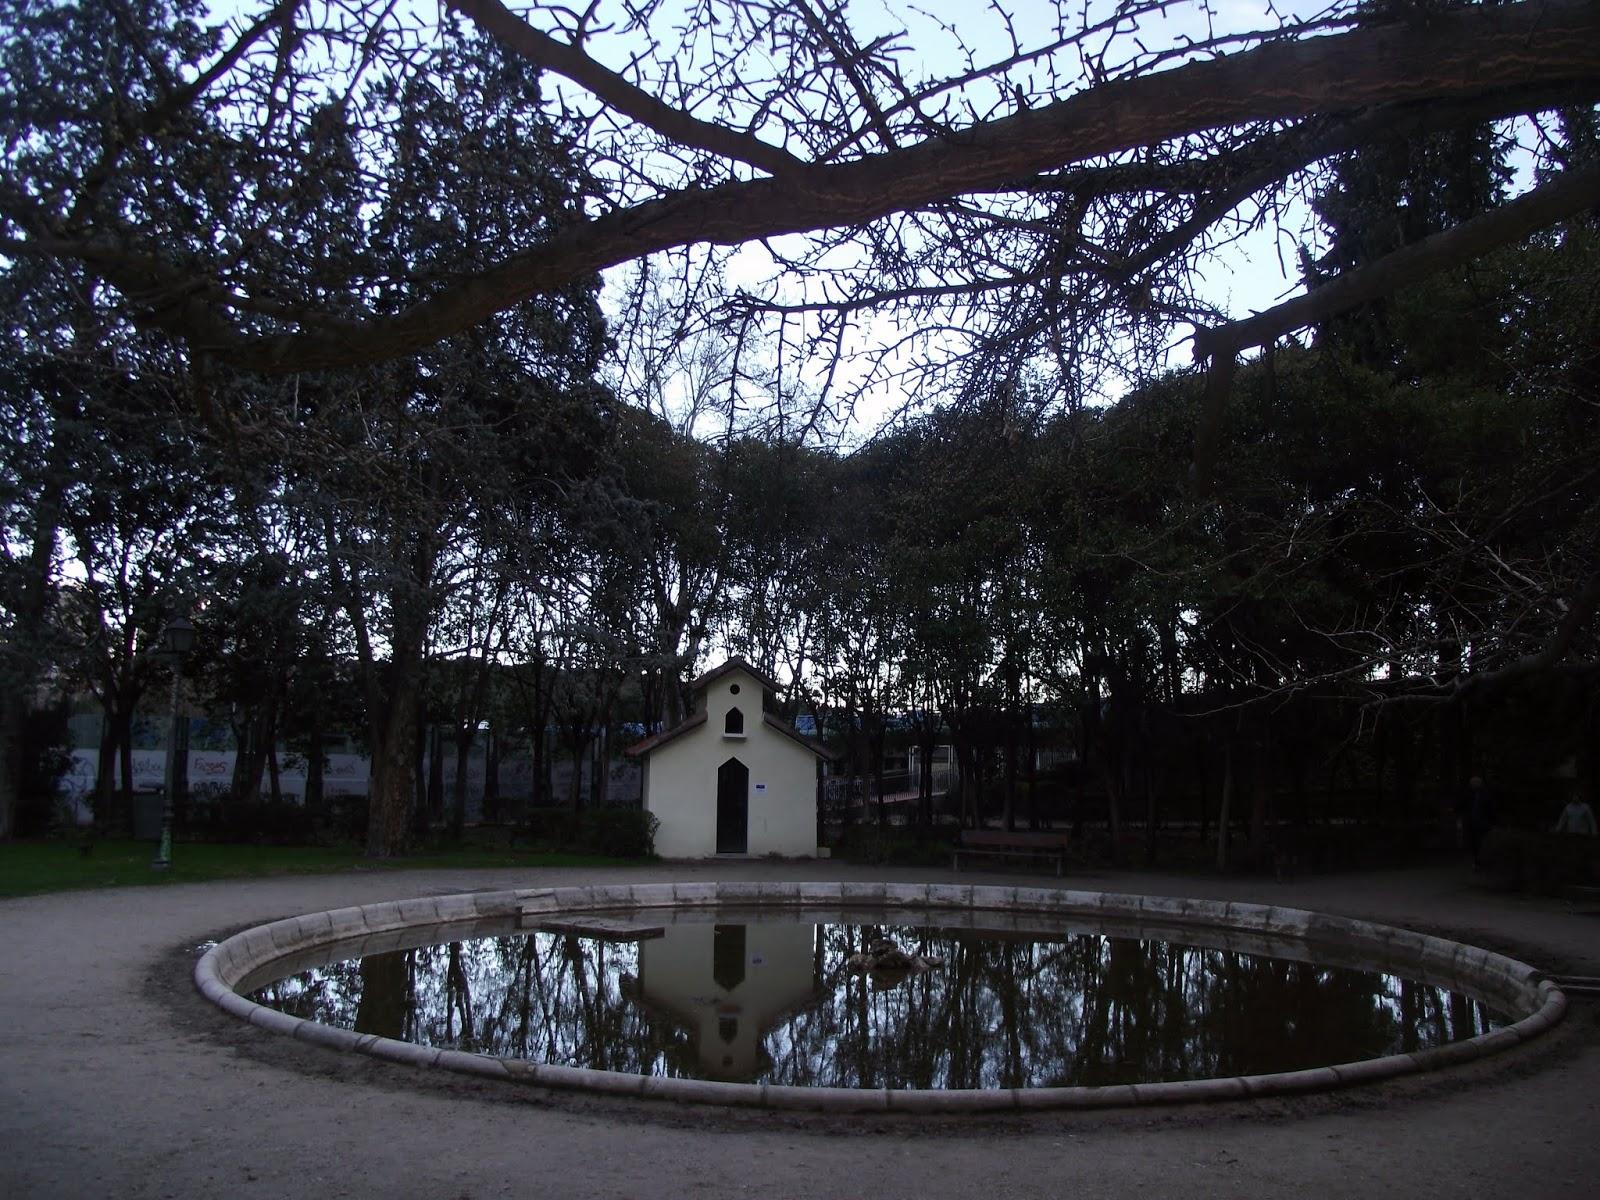 Parque la quinta de la fuente del berro vero4travel for Piscina fuente del berro